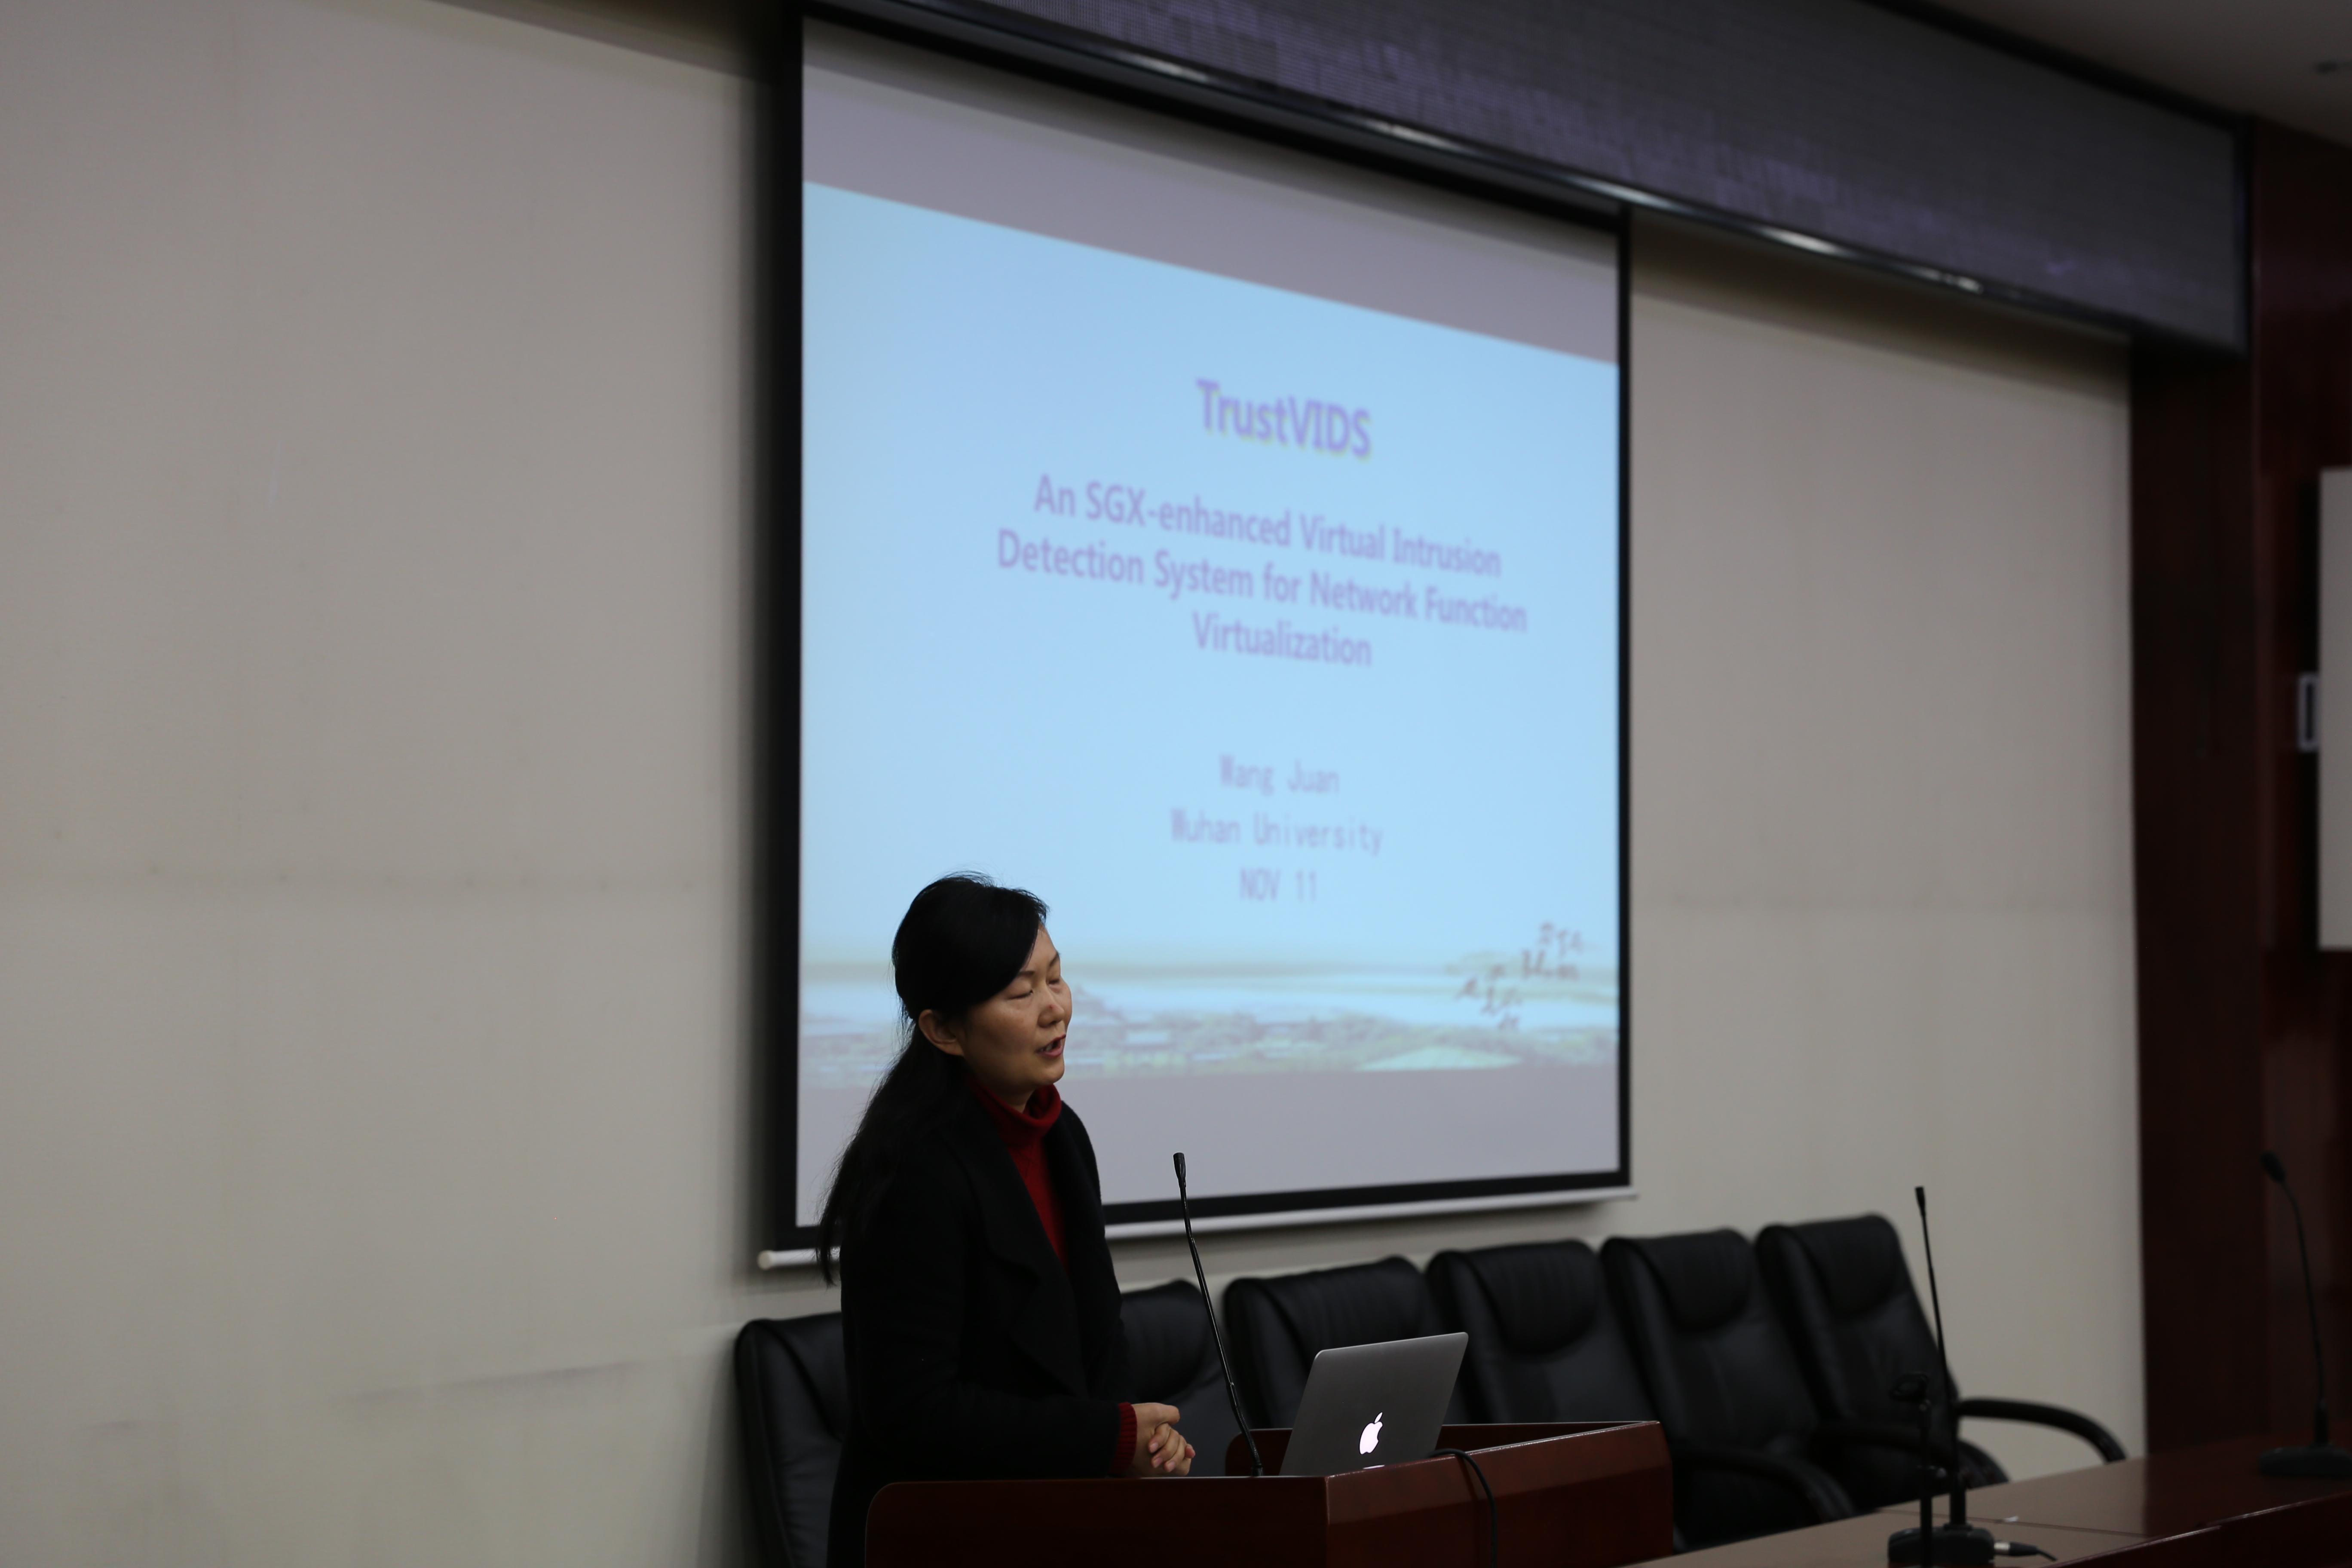 武汉大学王鹃副教授作主题为《基于 SGX 的虚拟入侵检测系统安全增强》的报告